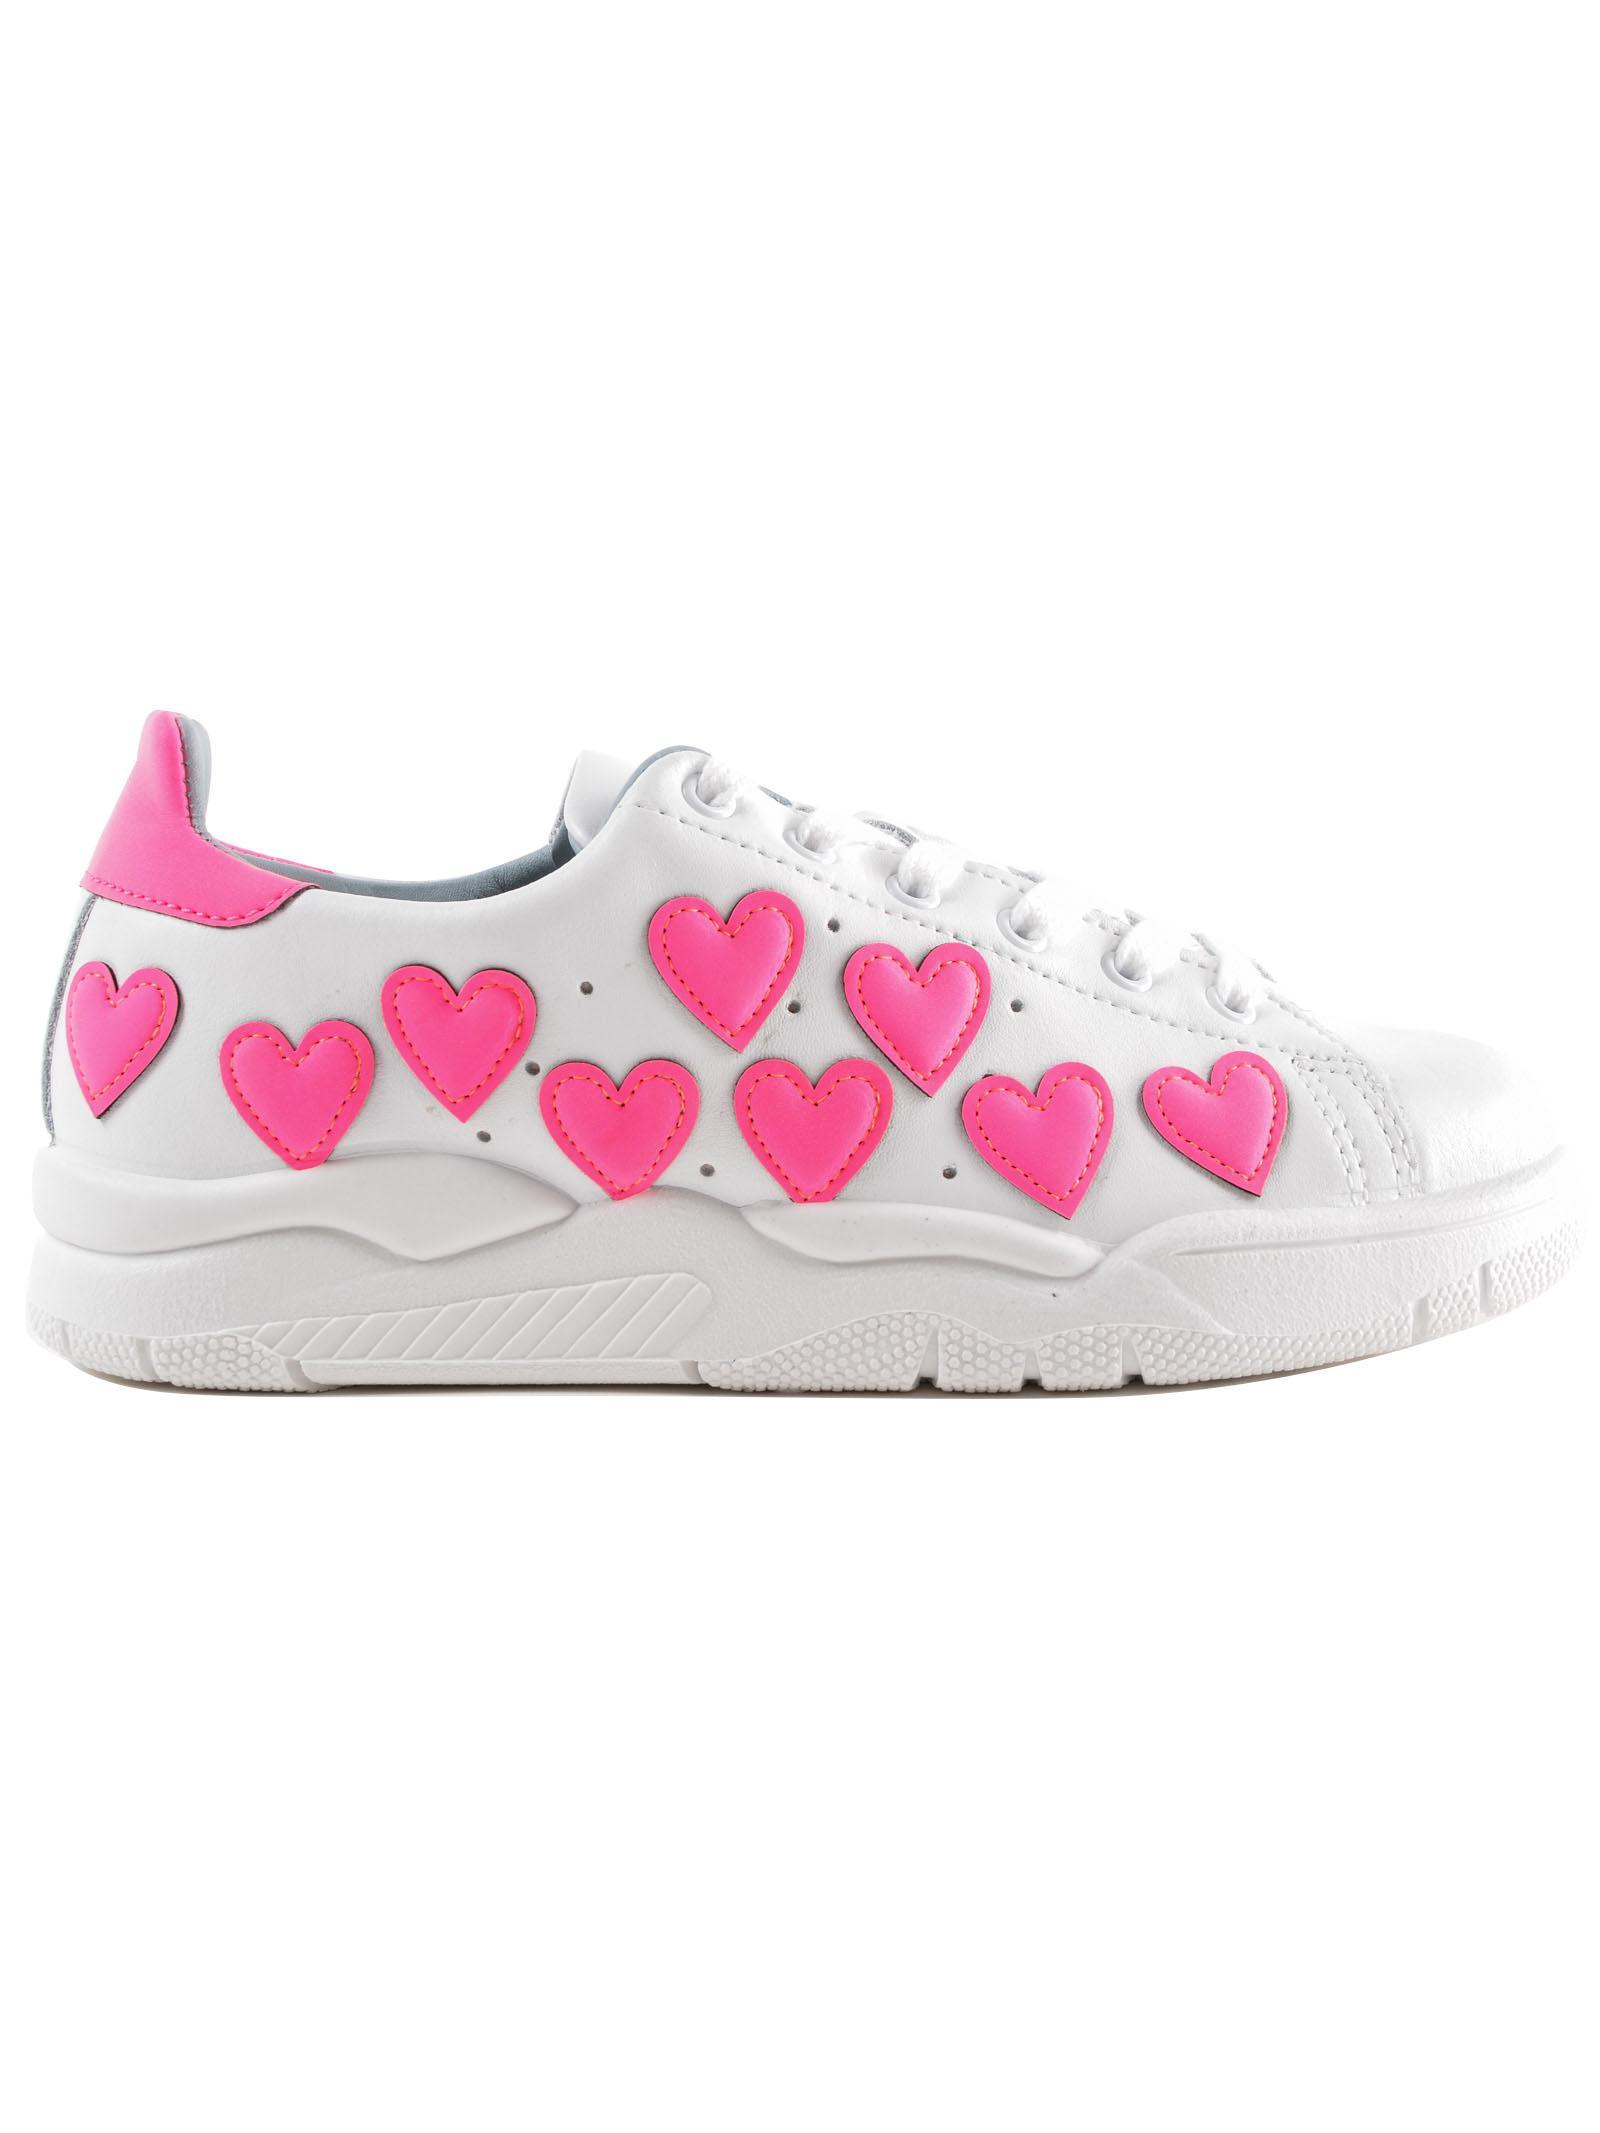 Chiara Ferragni Fluo Hearts Leather Sneakers vkrigNWw